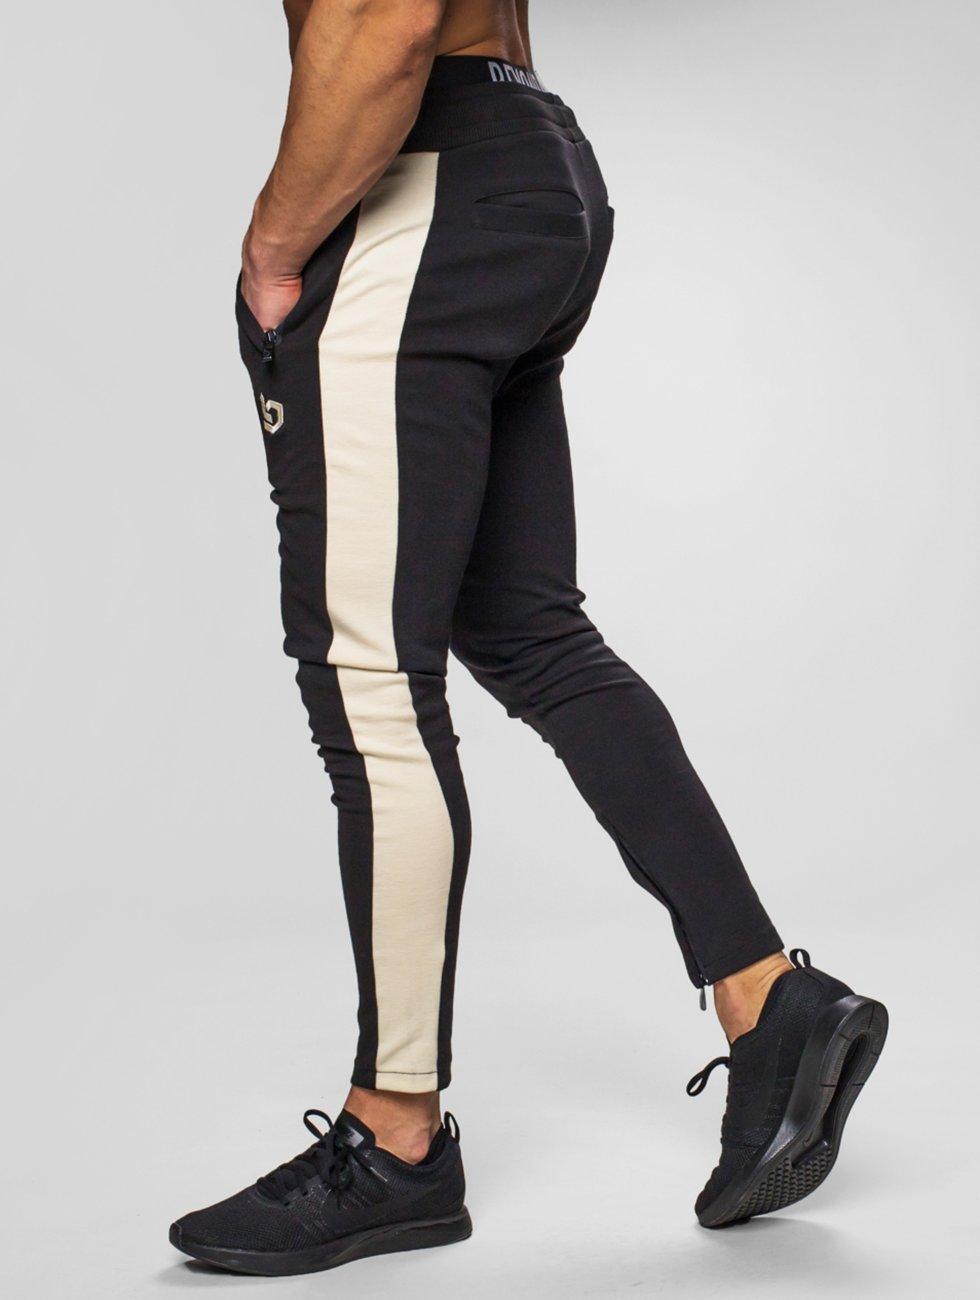 Beyond Limits Jogging kalhoty Foundation čern